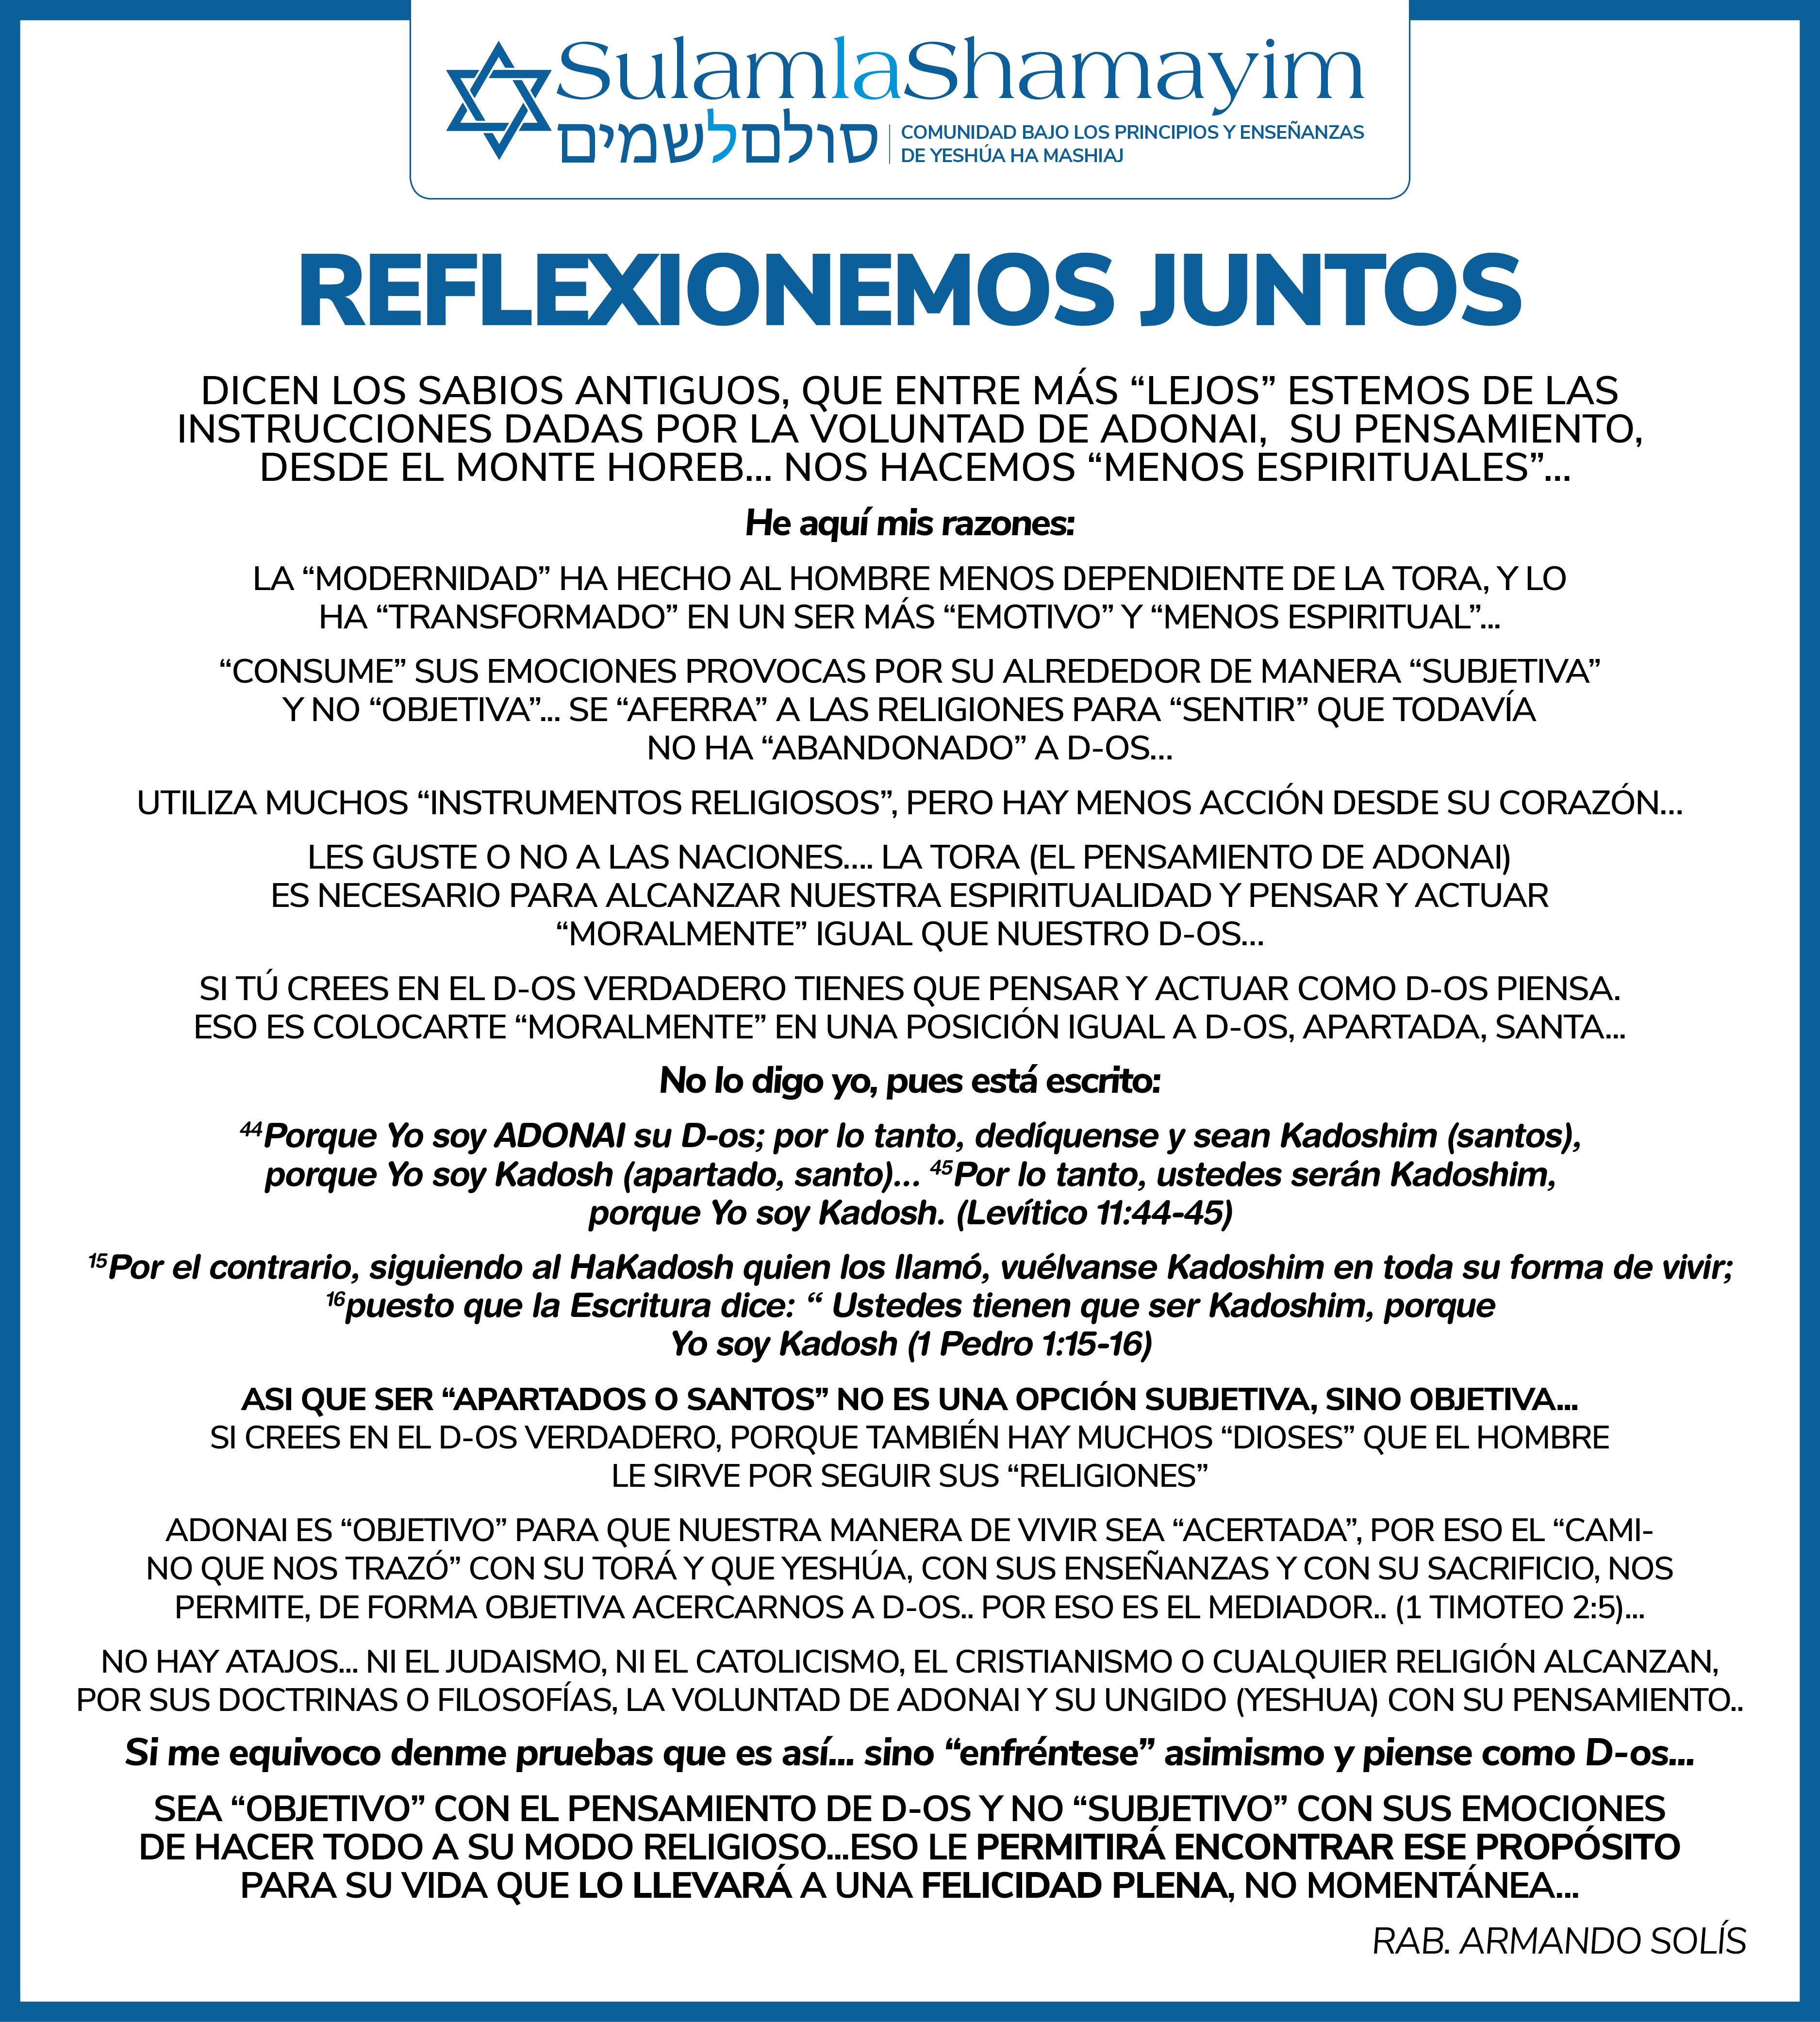 DICEN LOS SABIOS...